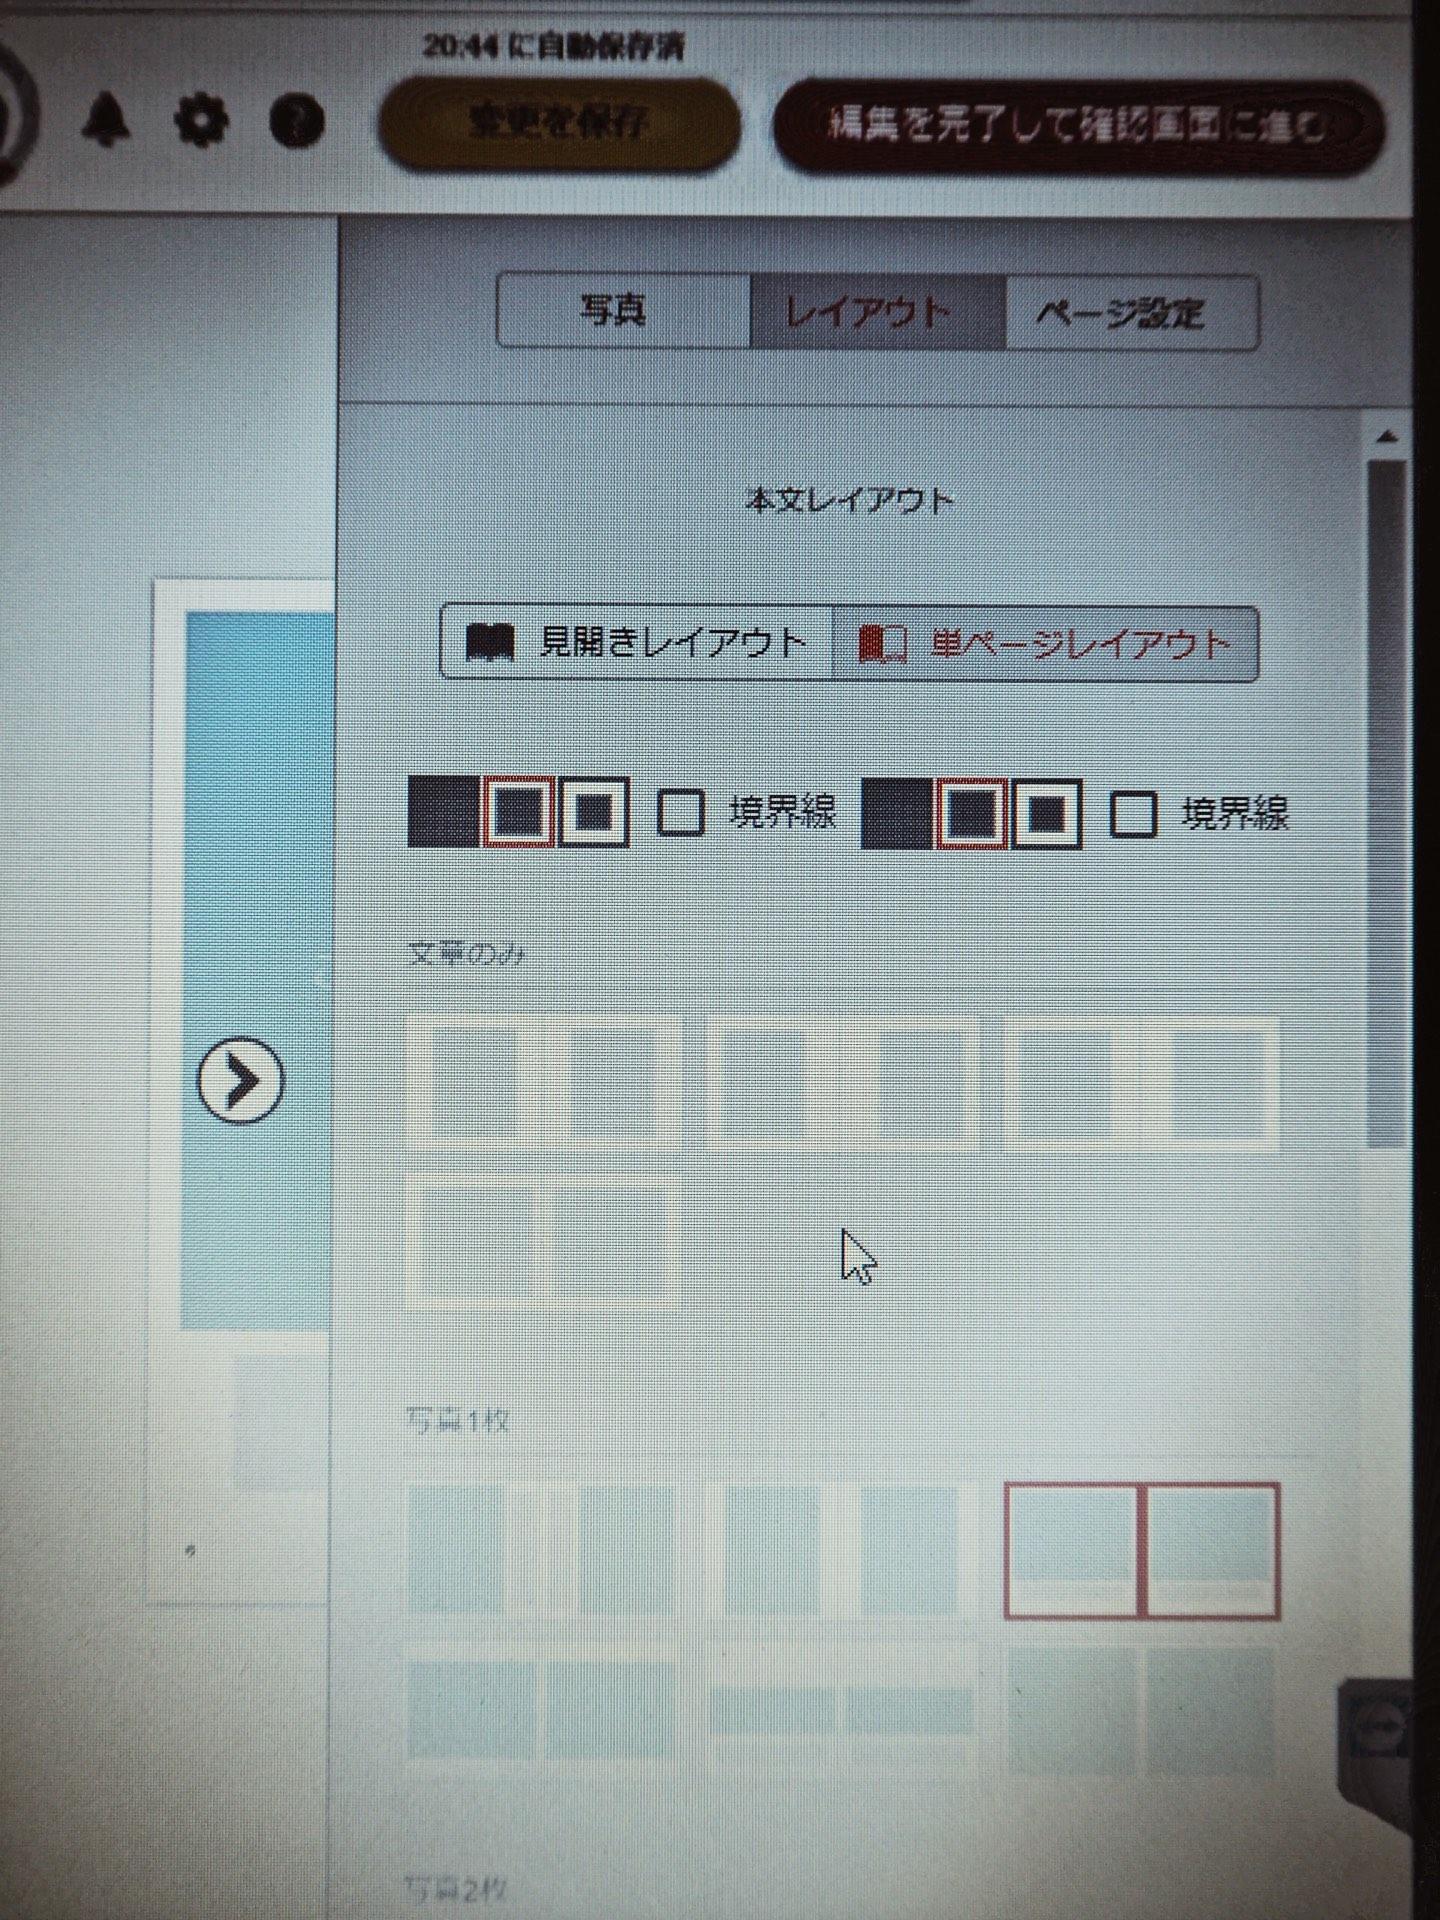 フォトブック編集パソコン画面